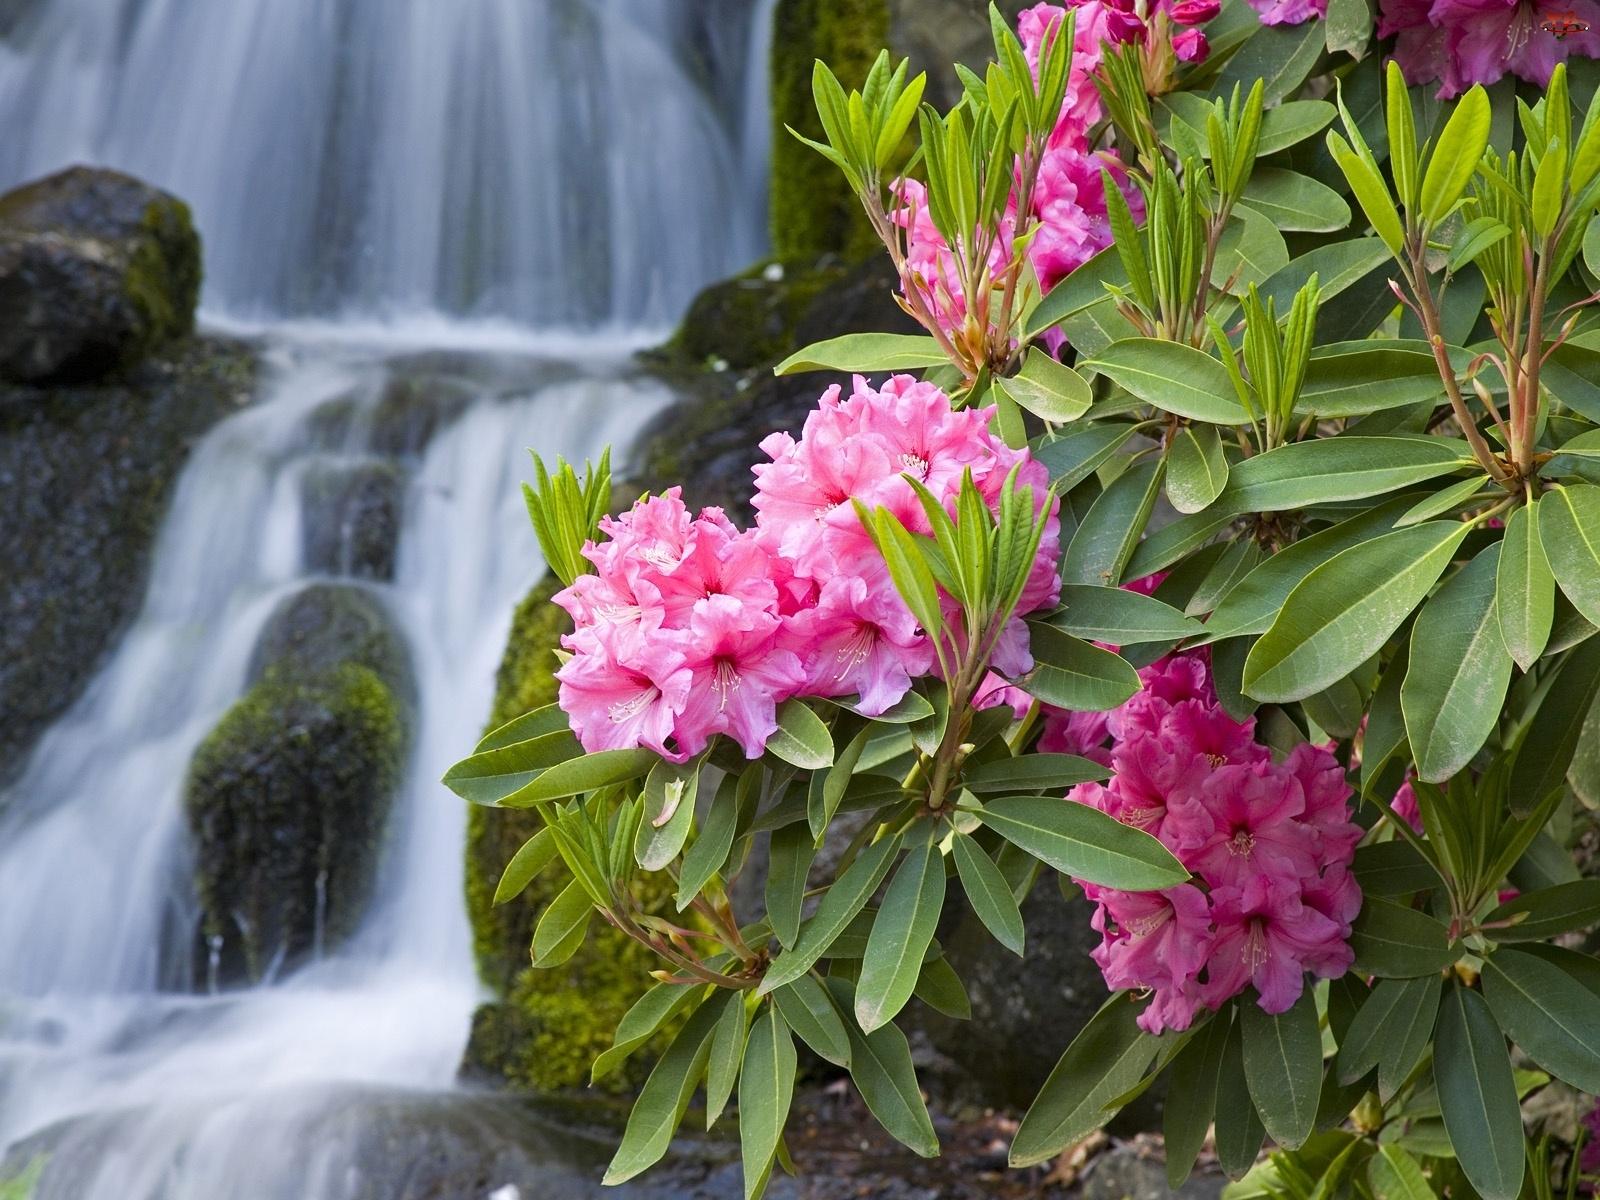 Wodospad, Kwiaty, Rododendrony